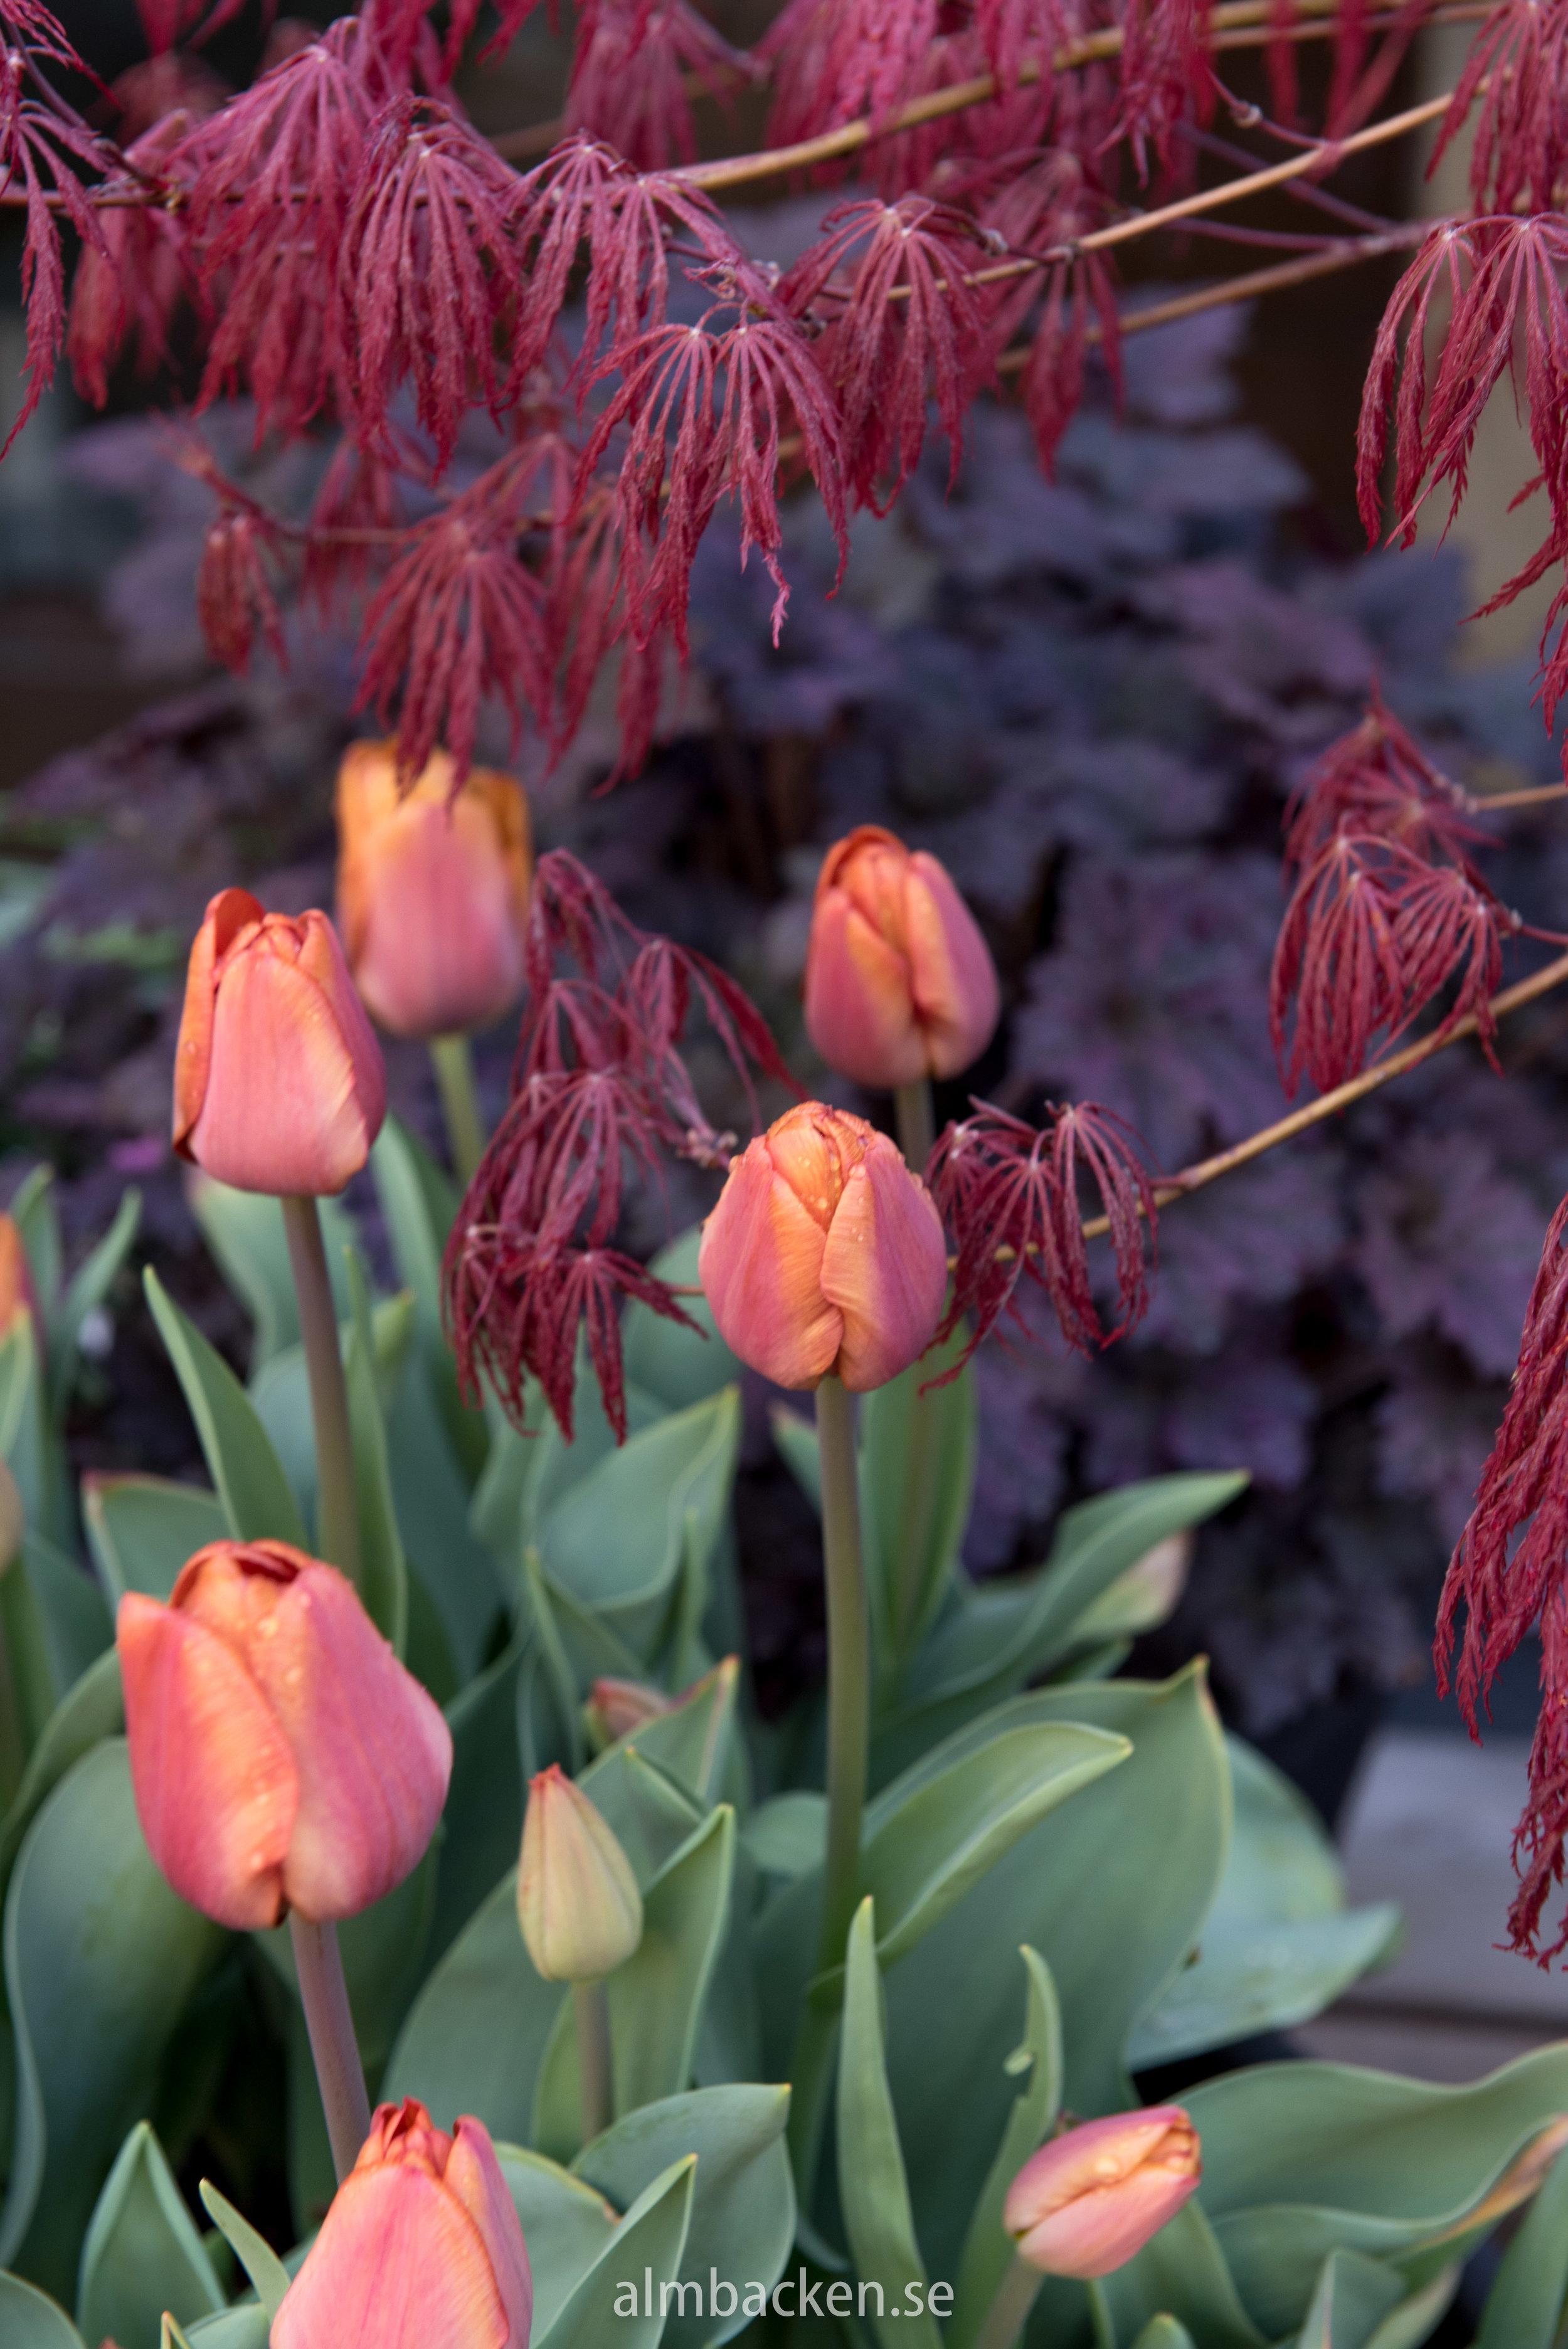 tulipa-cairo-tulpan-almbacken-tradgardsdesign.jpg